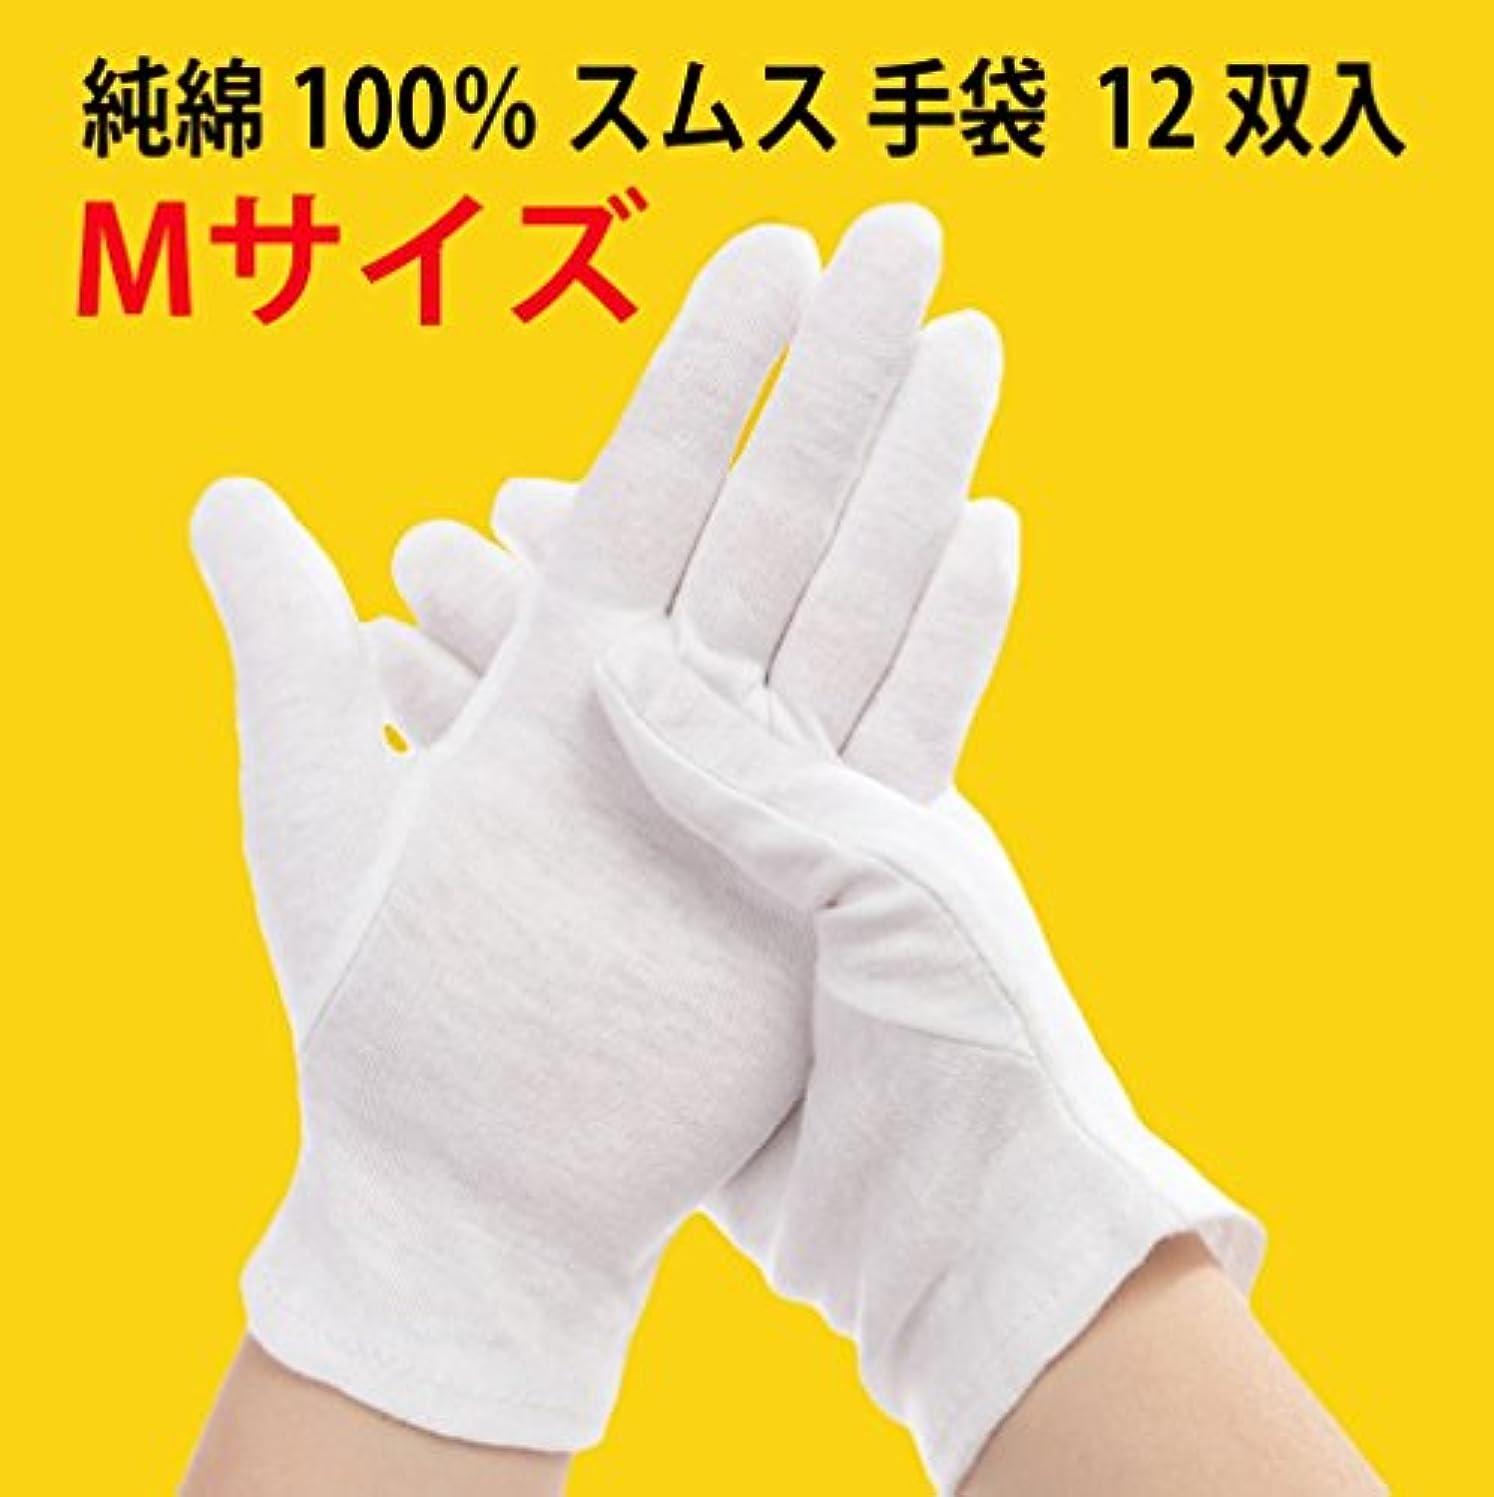 予測意志に反する日常的に純綿100% スムス 手袋 Mサイズ 12双 多用途 101115